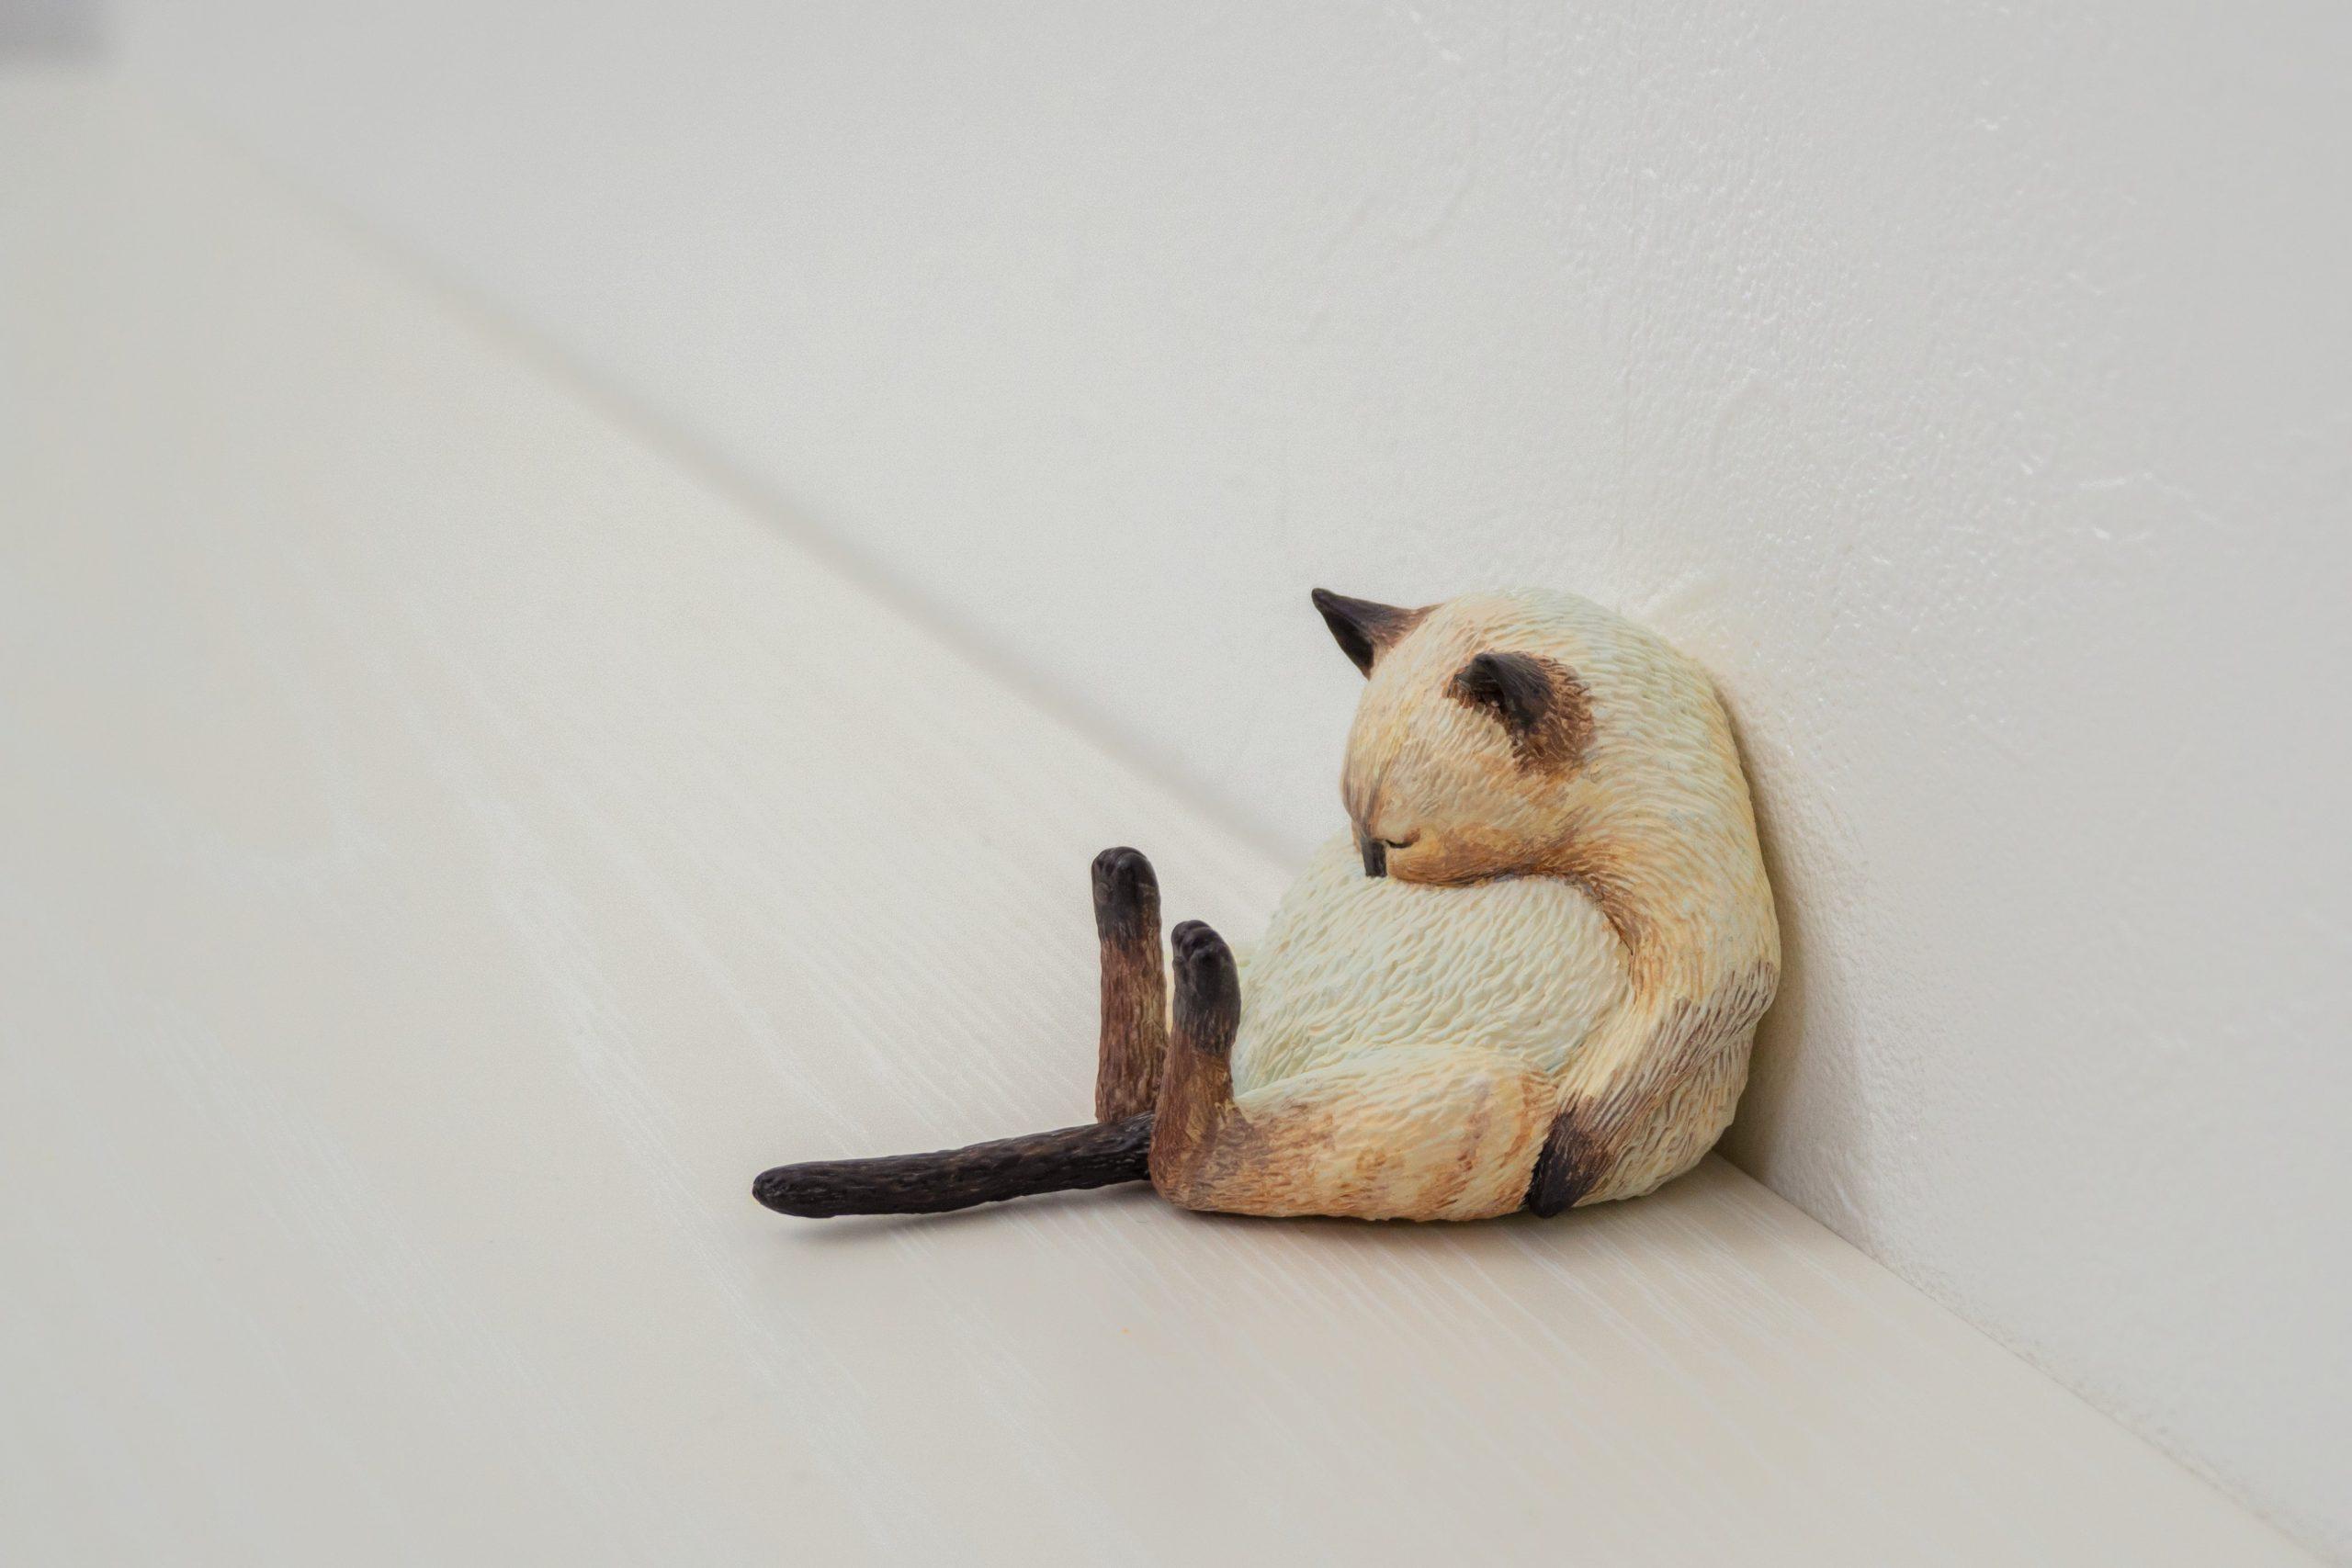 escultura gato durmiendo